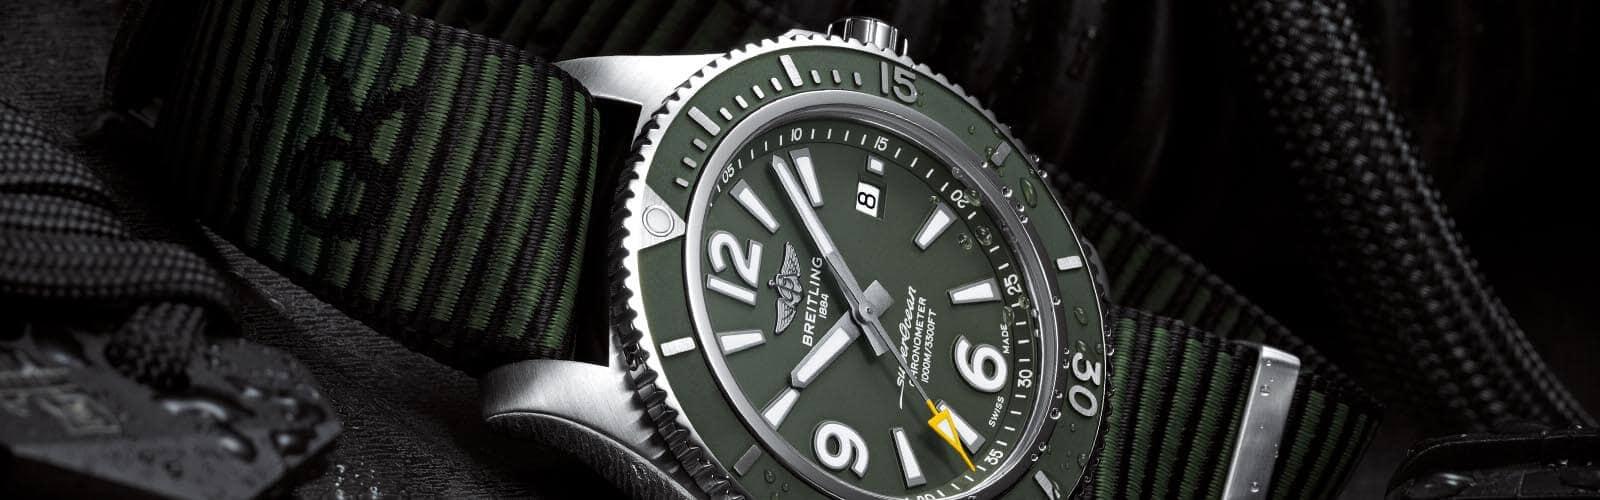 Neue Superocean Outerknown von Breitling mit grünem Zifferblatt